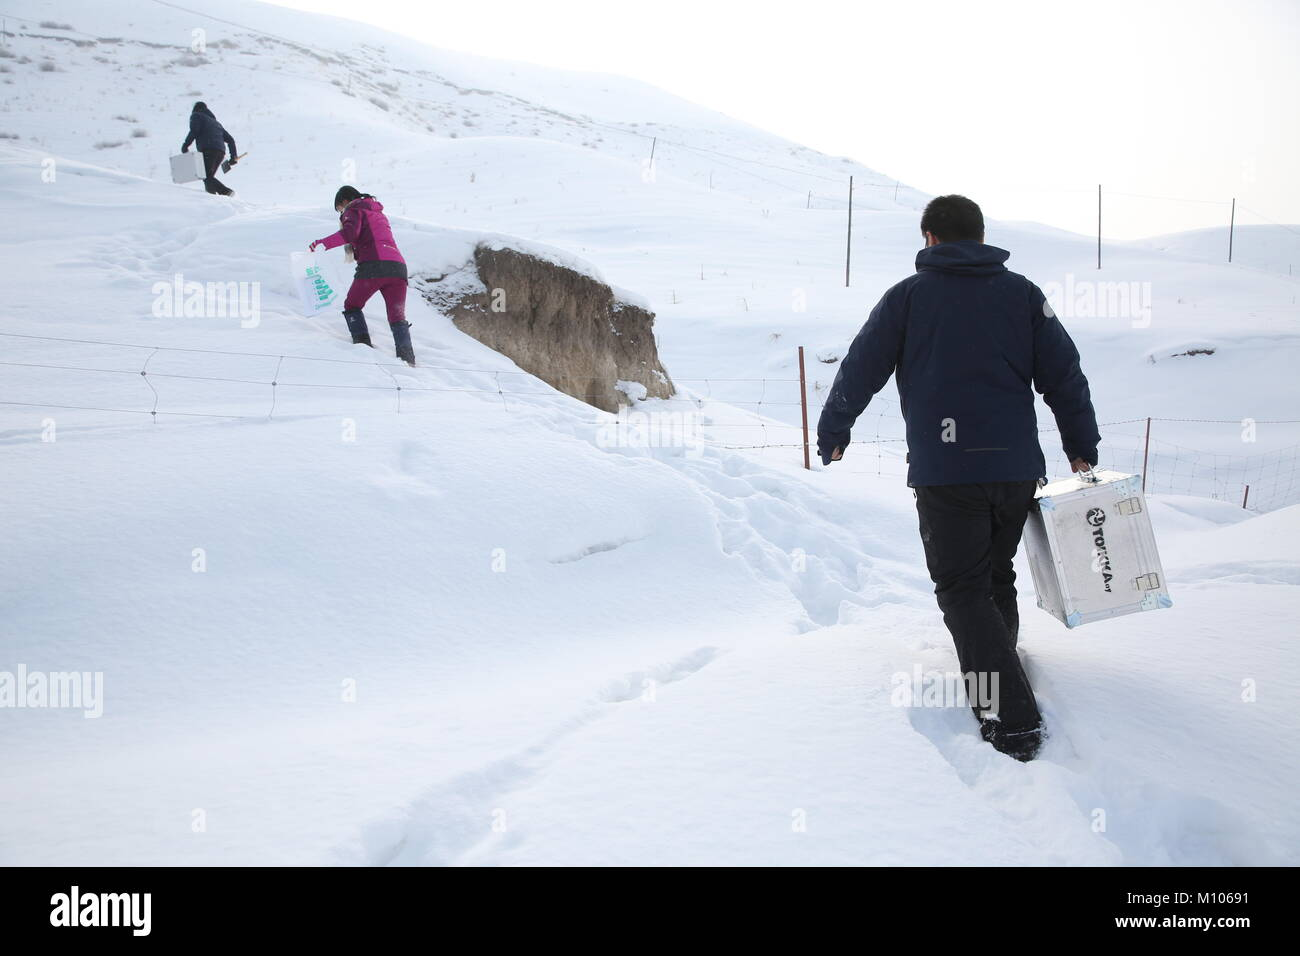 Shihezi. 24 gen 2018. Gli scienziati di condurre una ricerca sul campo sul manto di neve nella sezione centrale Immagini Stock